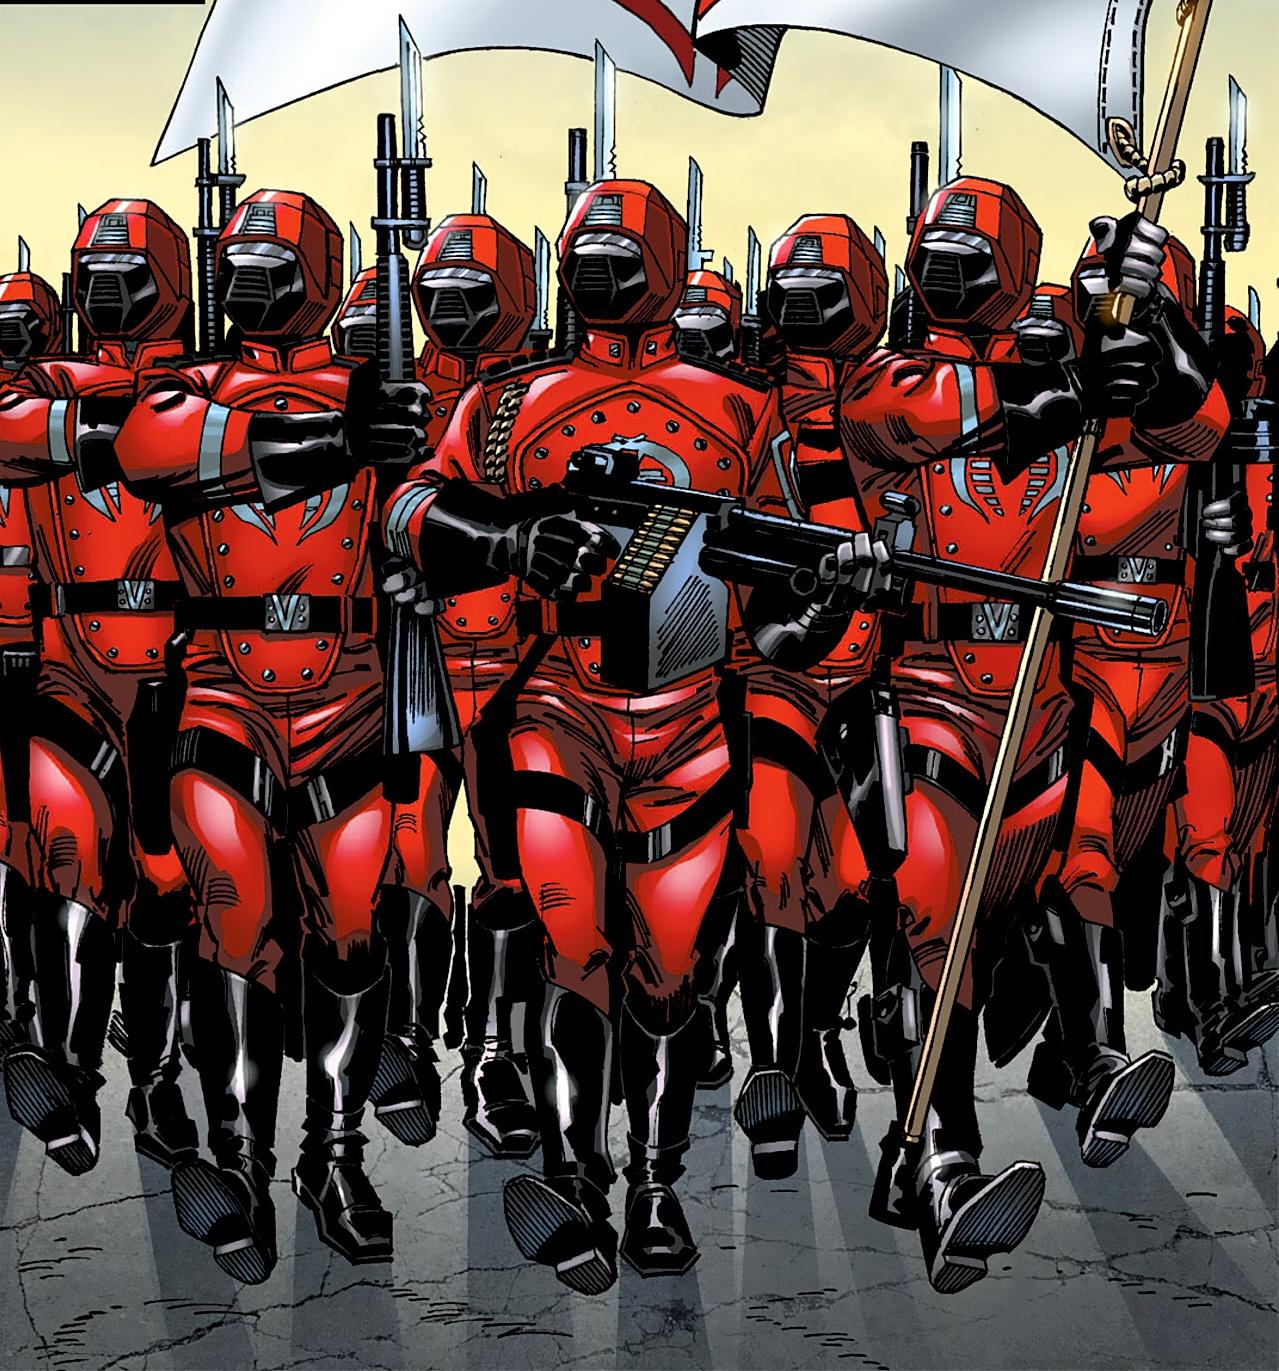 v4 KB exclusive GI Joe Valor v Venom Cobra Crimson Guard complete Red Hair